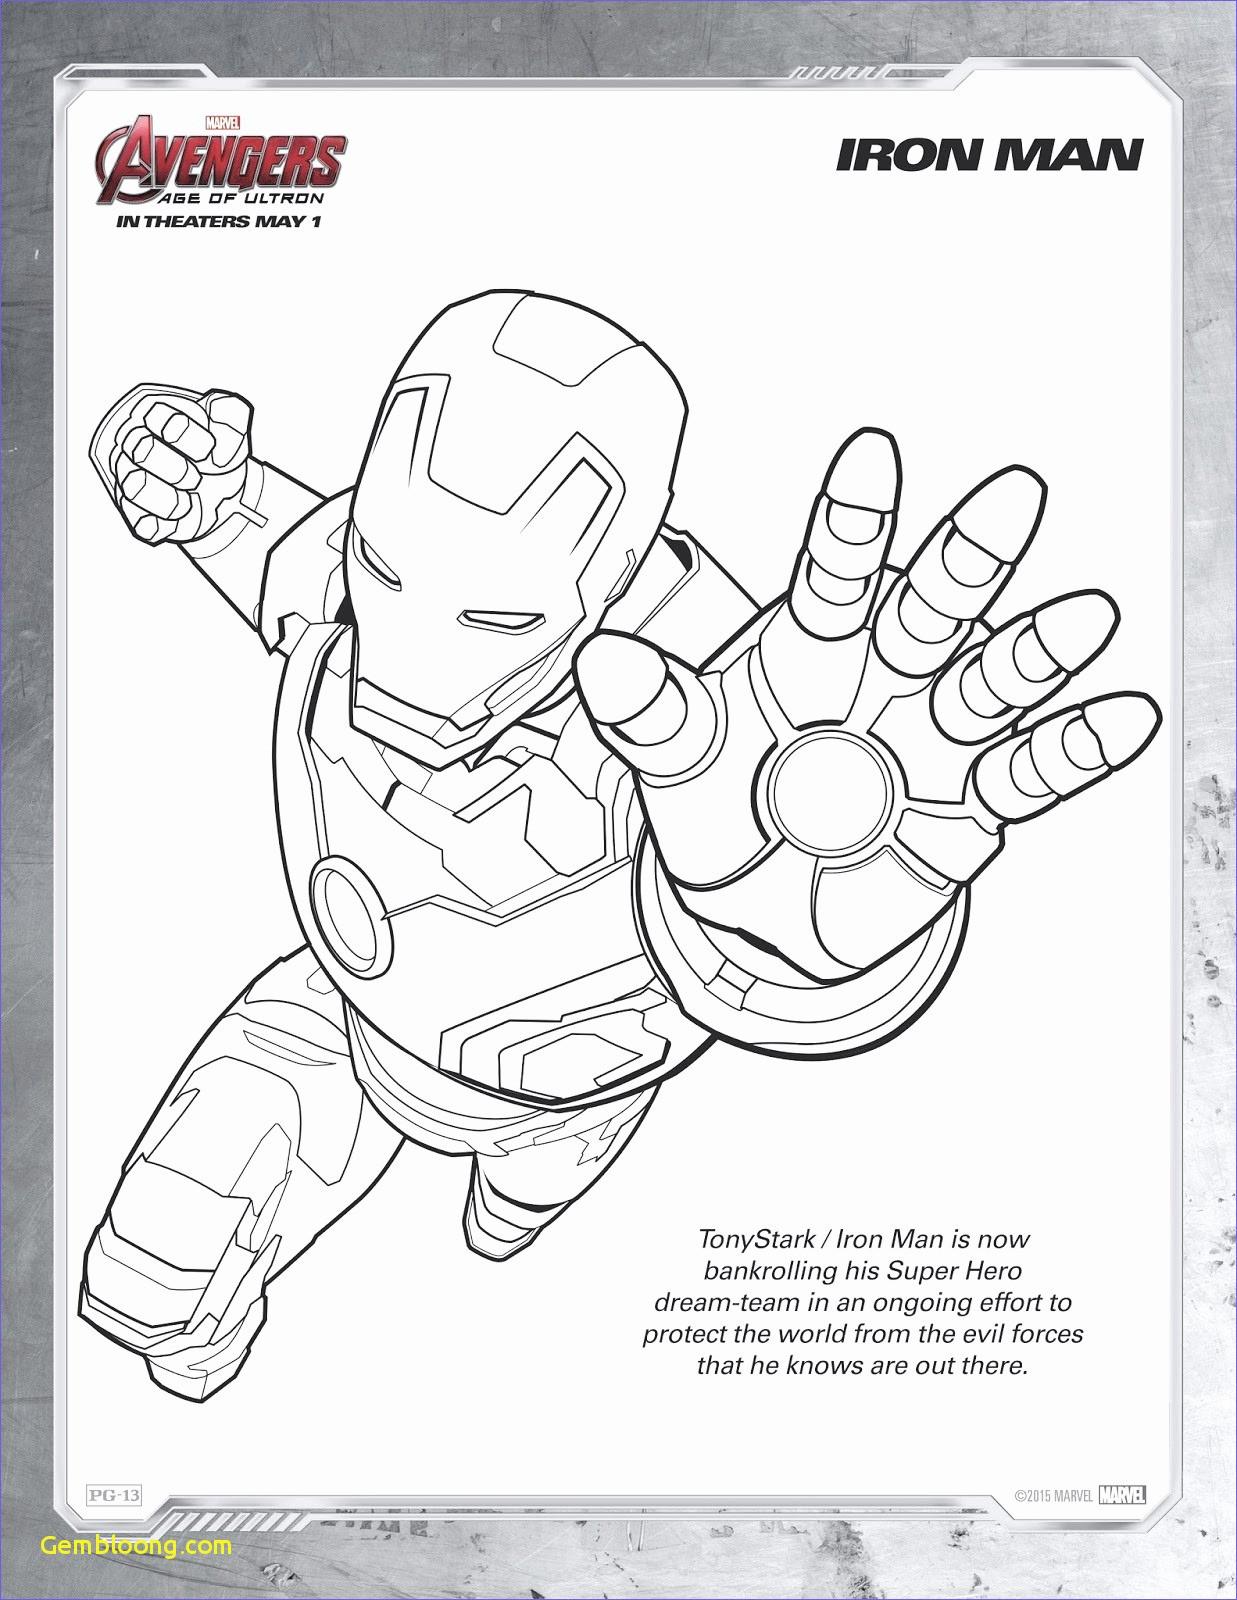 Avengers Ausmalbilder Zum Ausdrucken Einzigartig Lego Marvel Super Heroes Ausmalbilder Frisch Avengers Ausmalbilder Sammlung